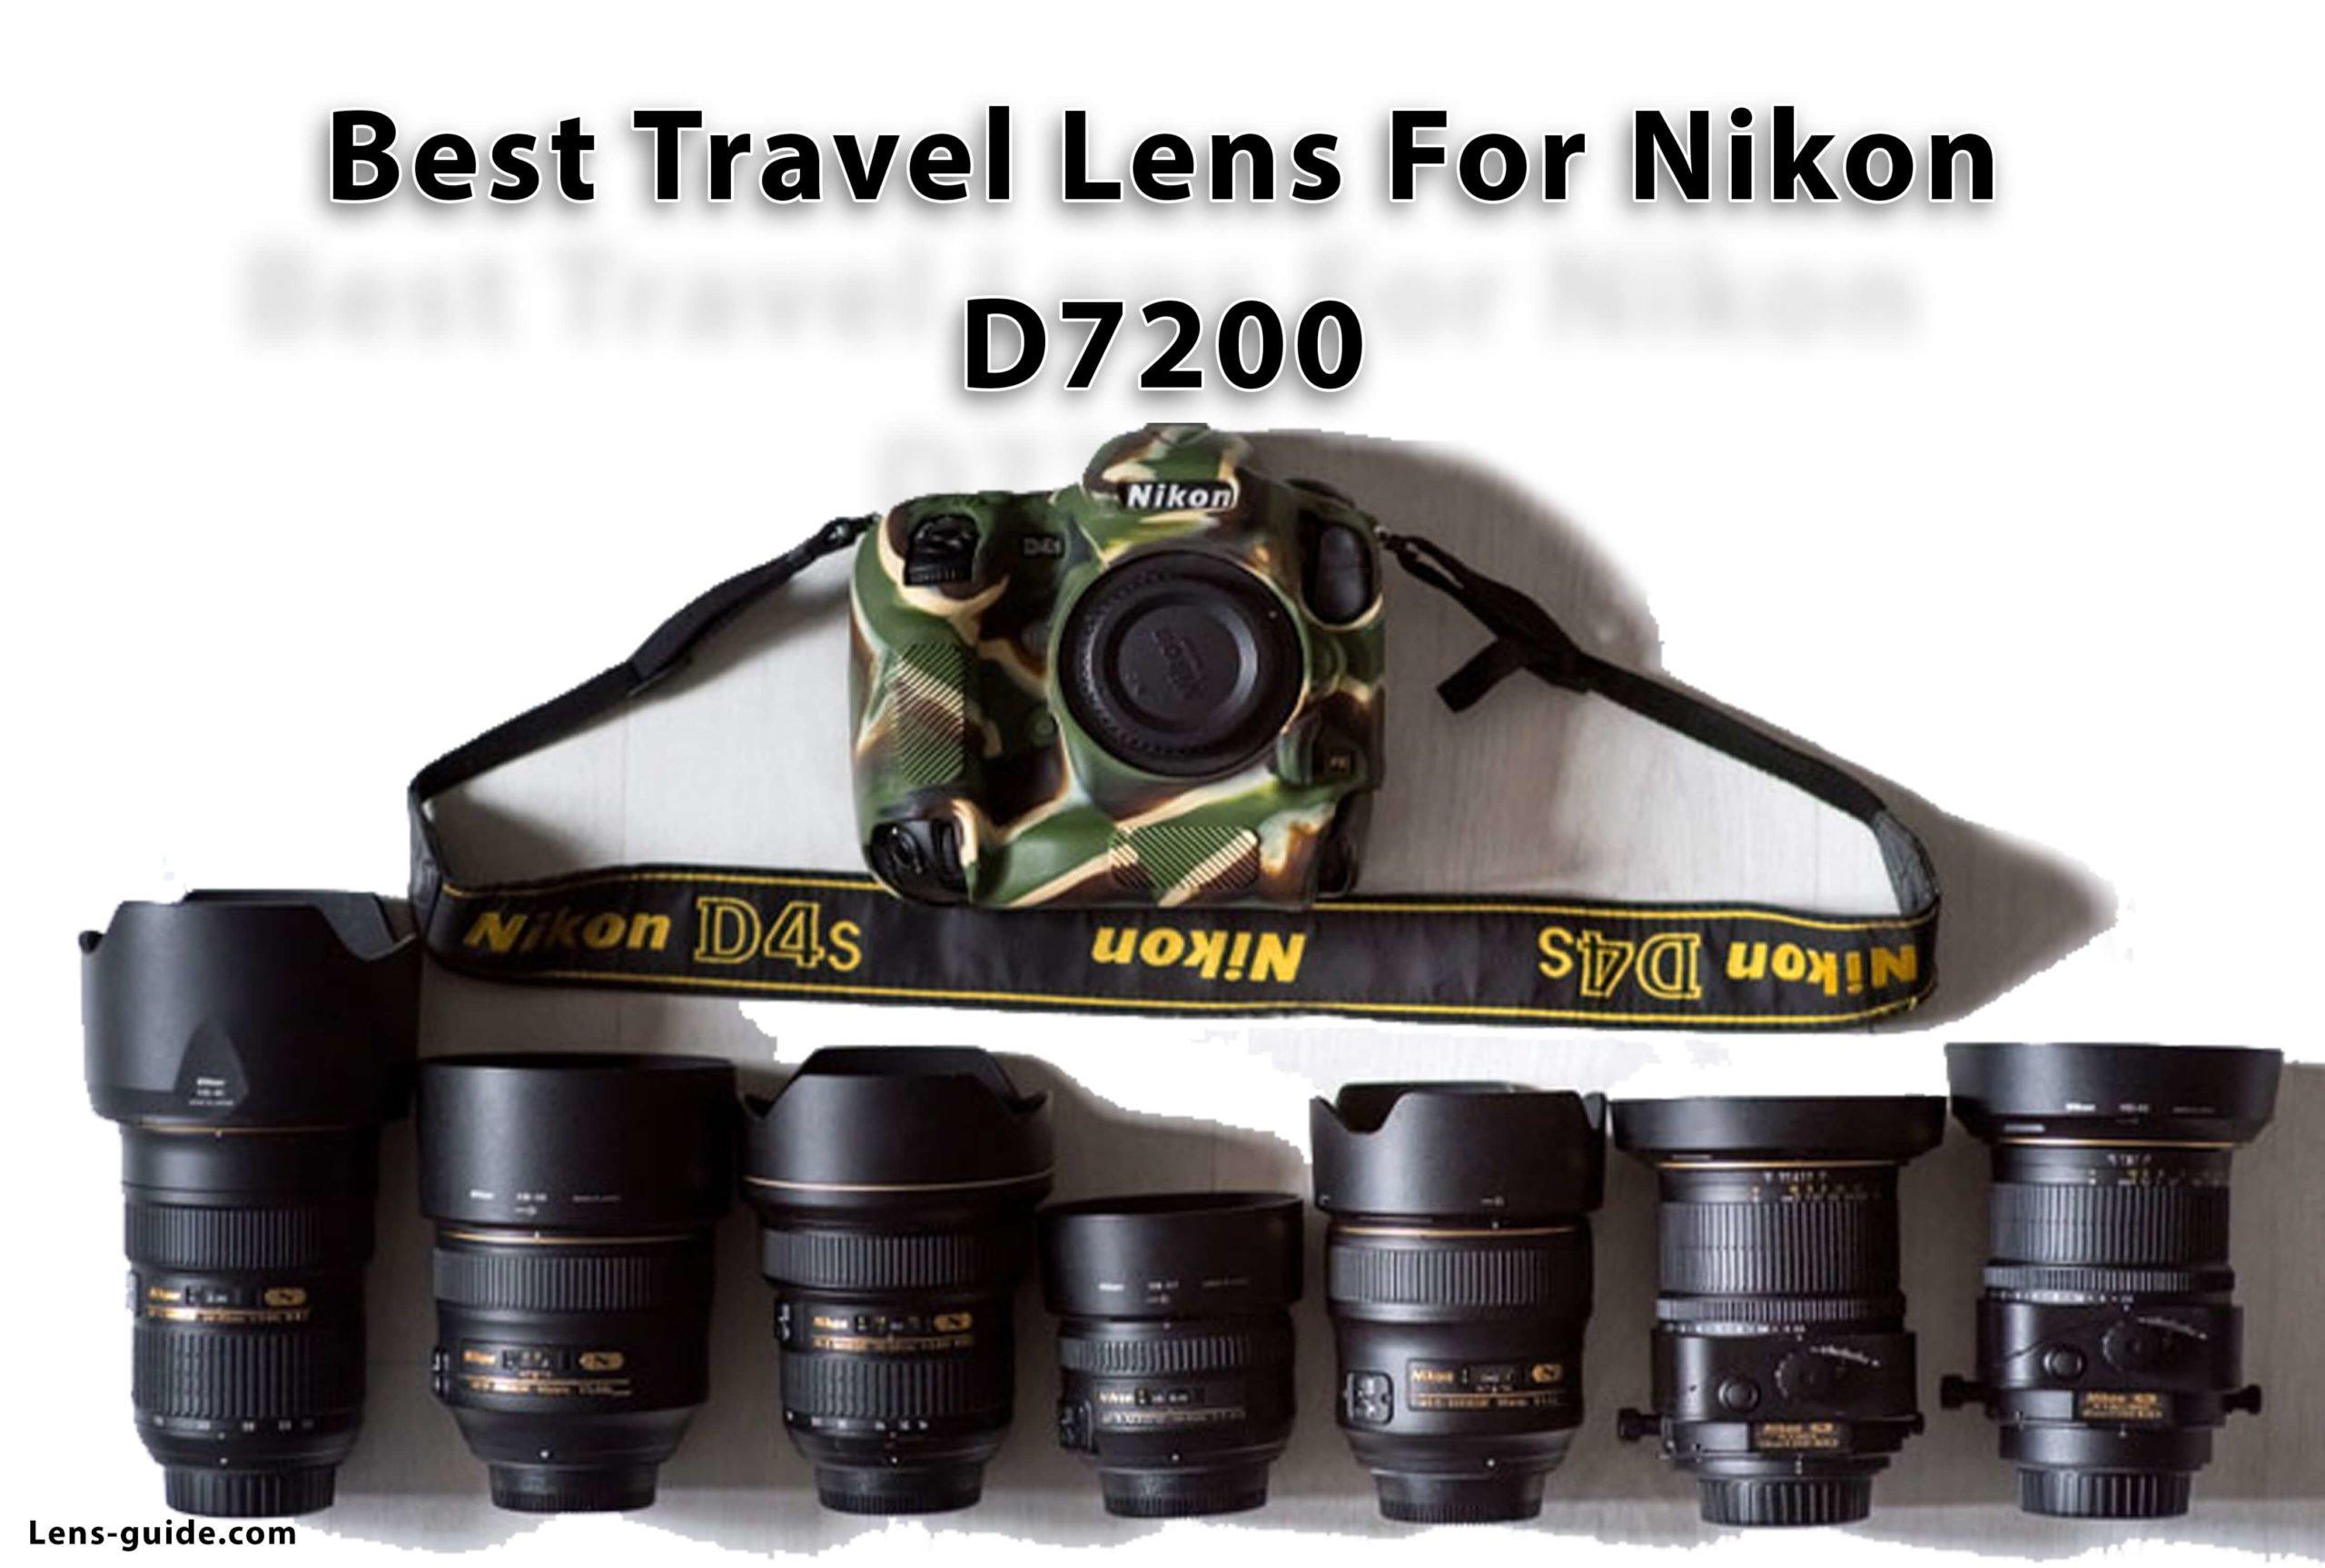 Best-Travel-Lens-For-Nikon-D7200